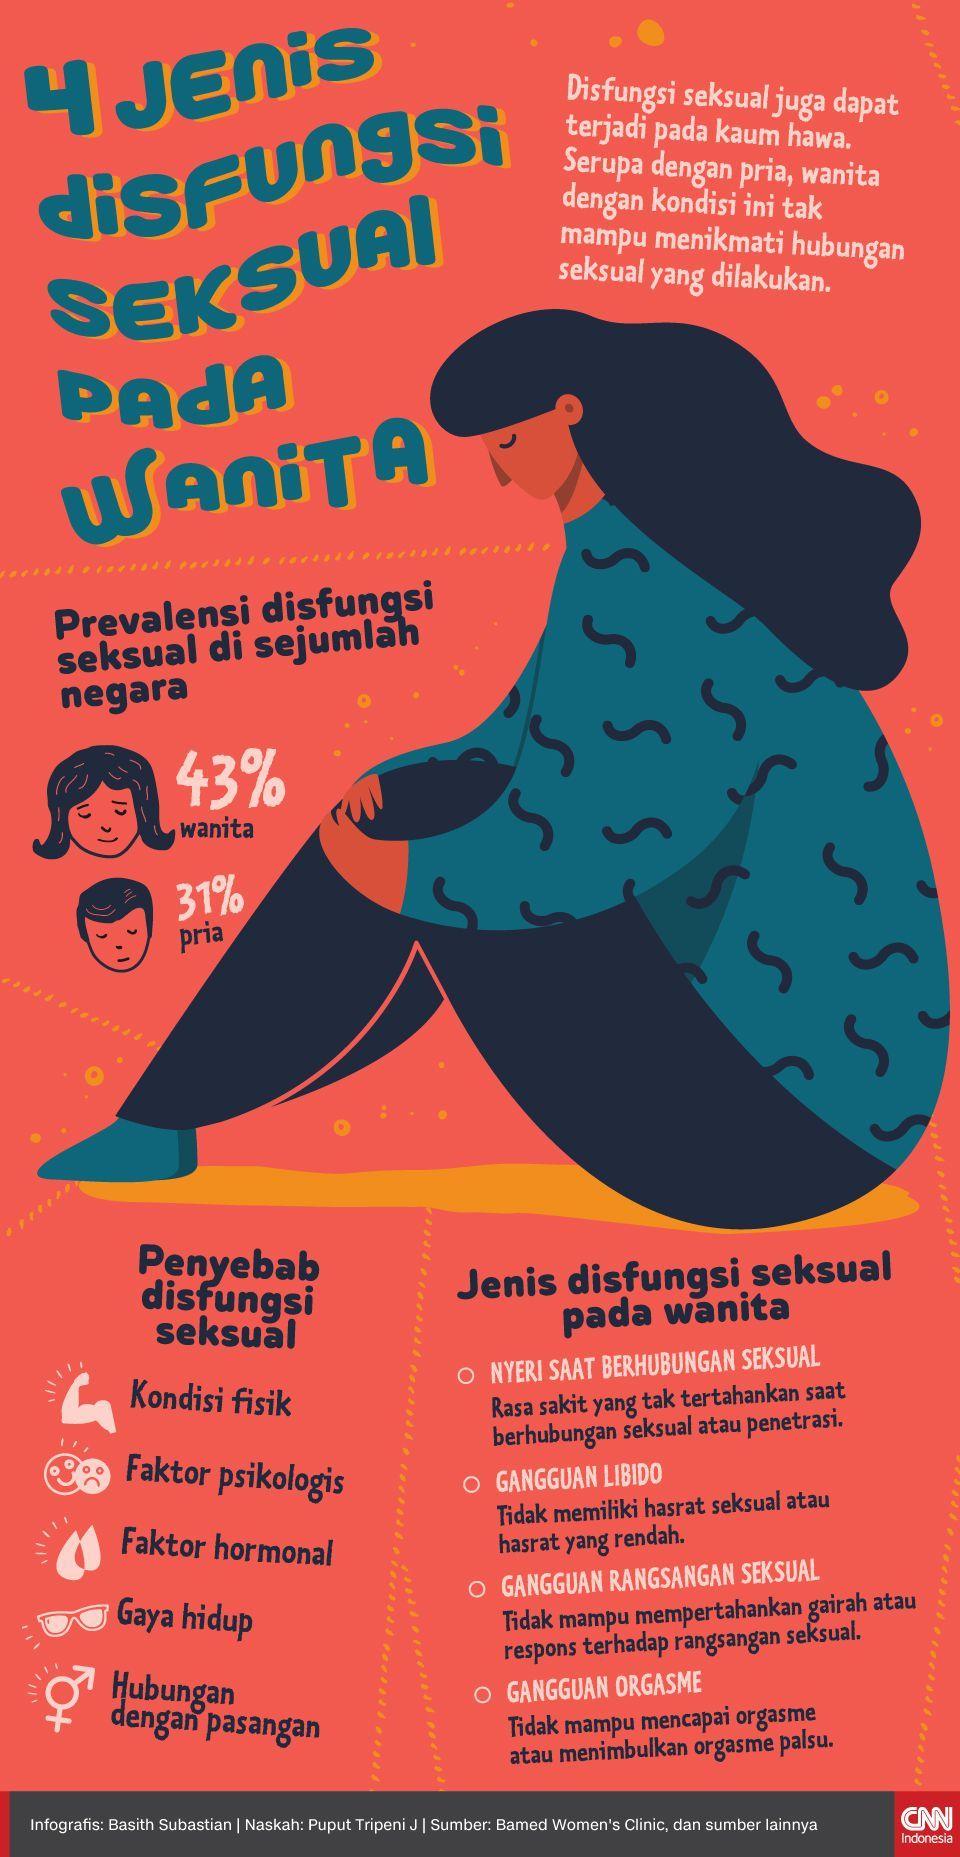 Gejala Penyakit  Obat Tradisional Infografis 4 Jenis Disfungsi Seksual pada Wanita